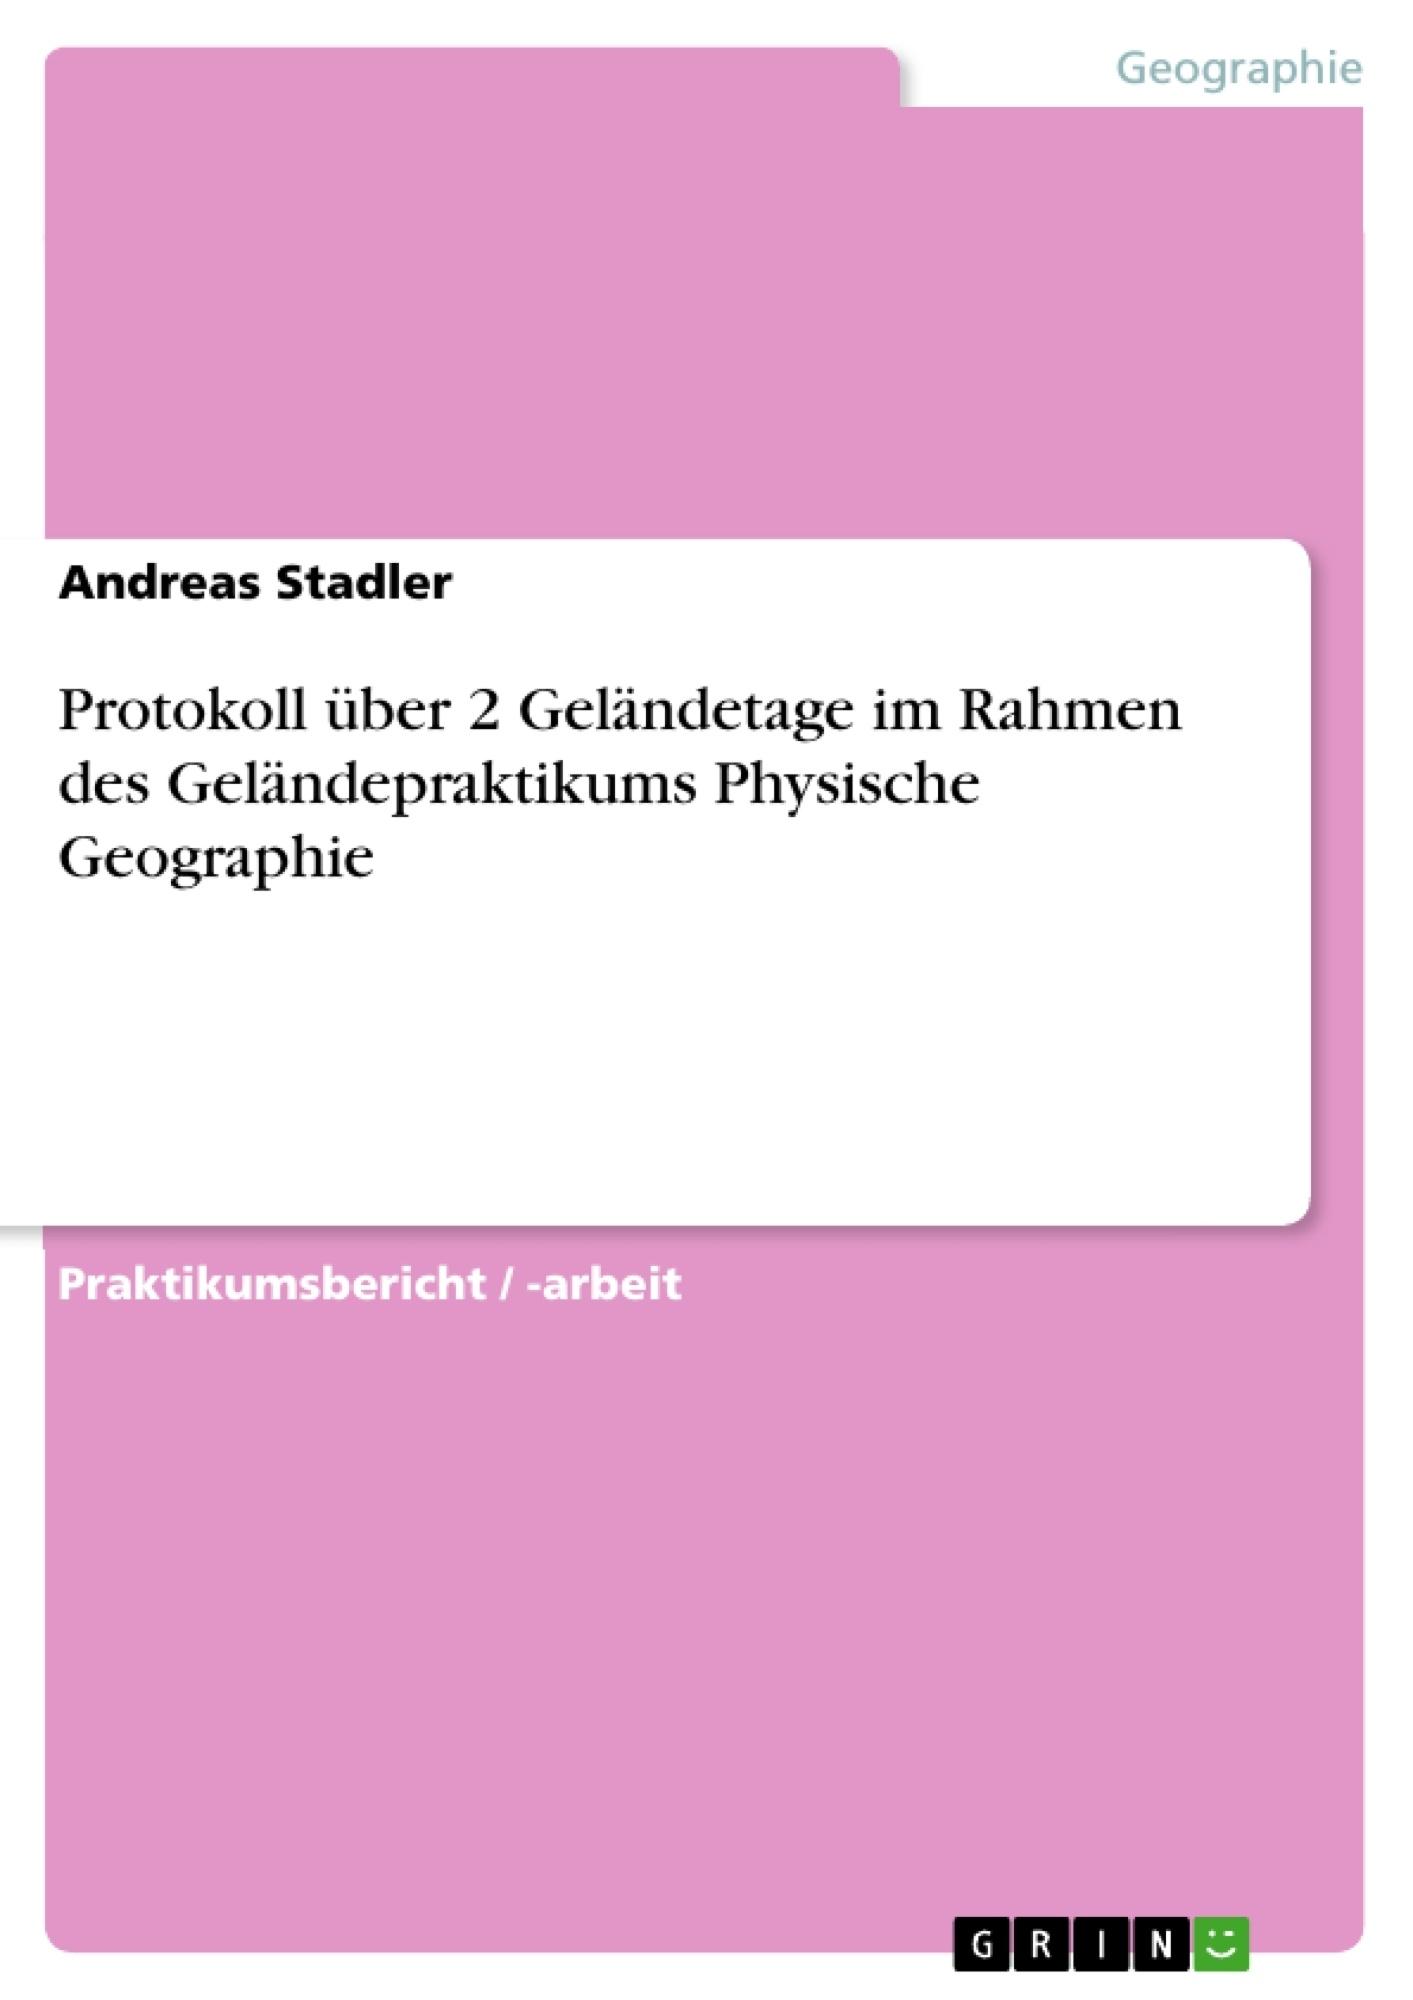 Titel: Protokoll über 2 Geländetage im Rahmen des Geländepraktikums Physische Geographie